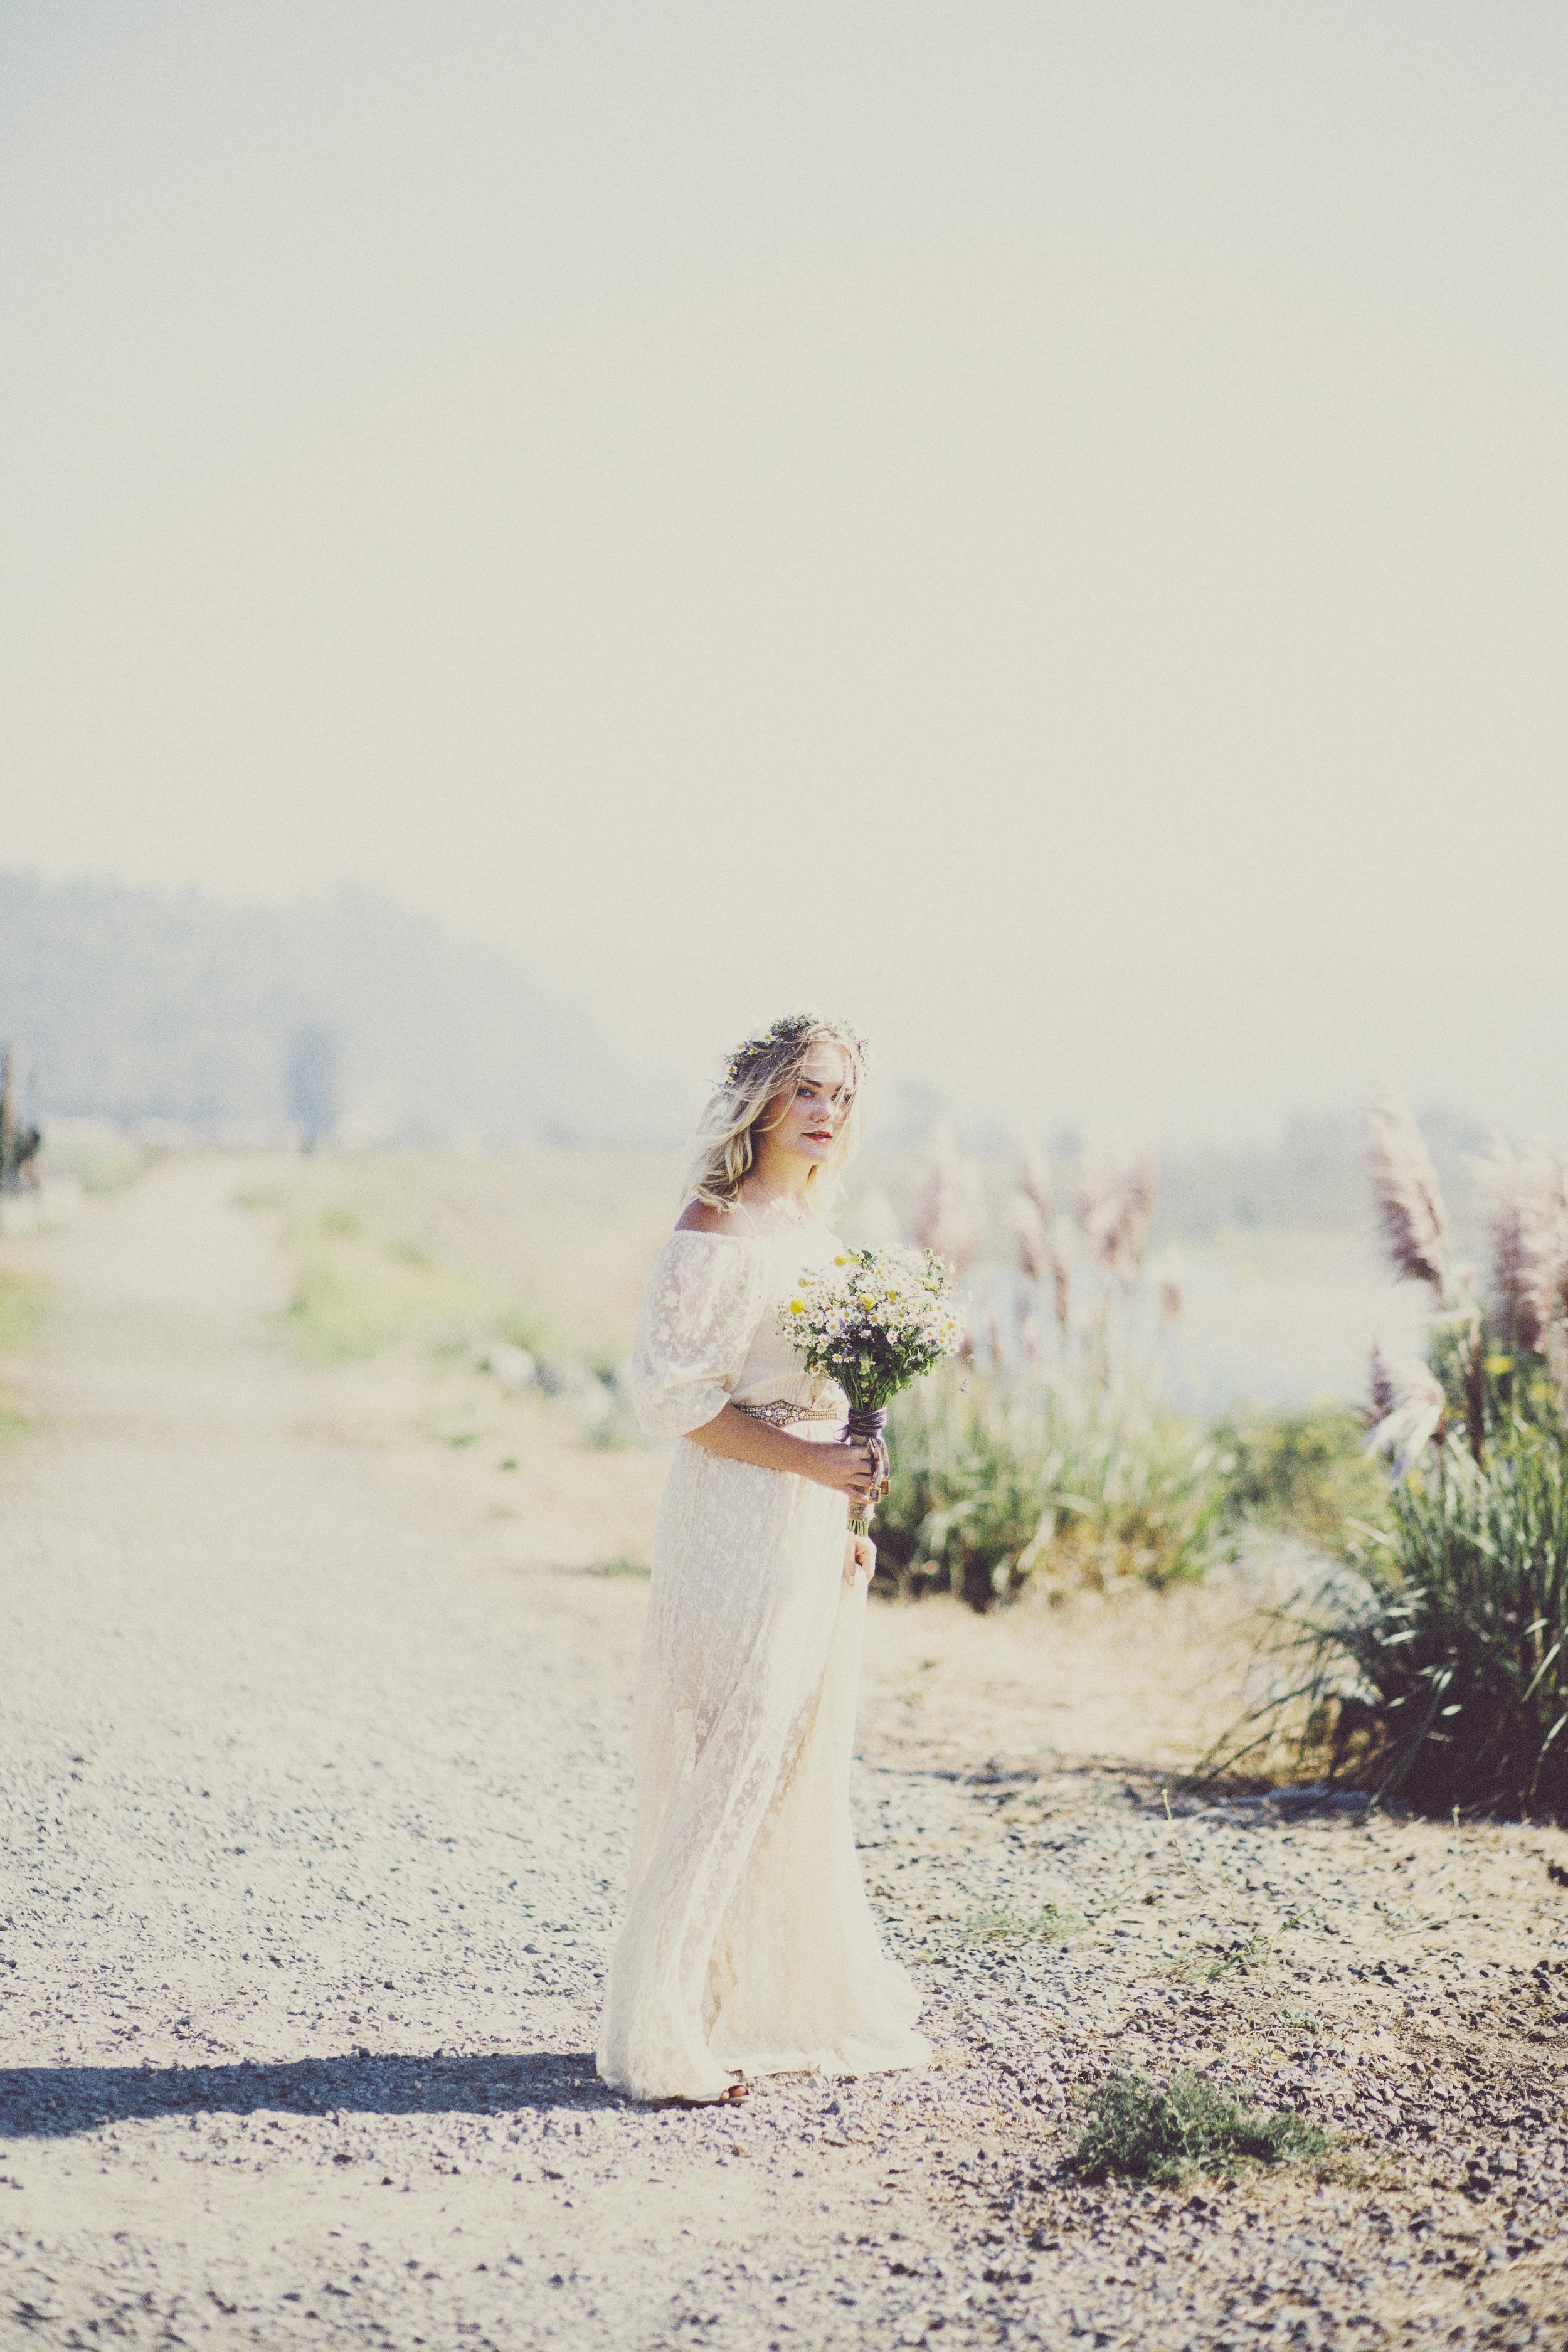 morgan_+_angus_wedding-55 copy.jpg